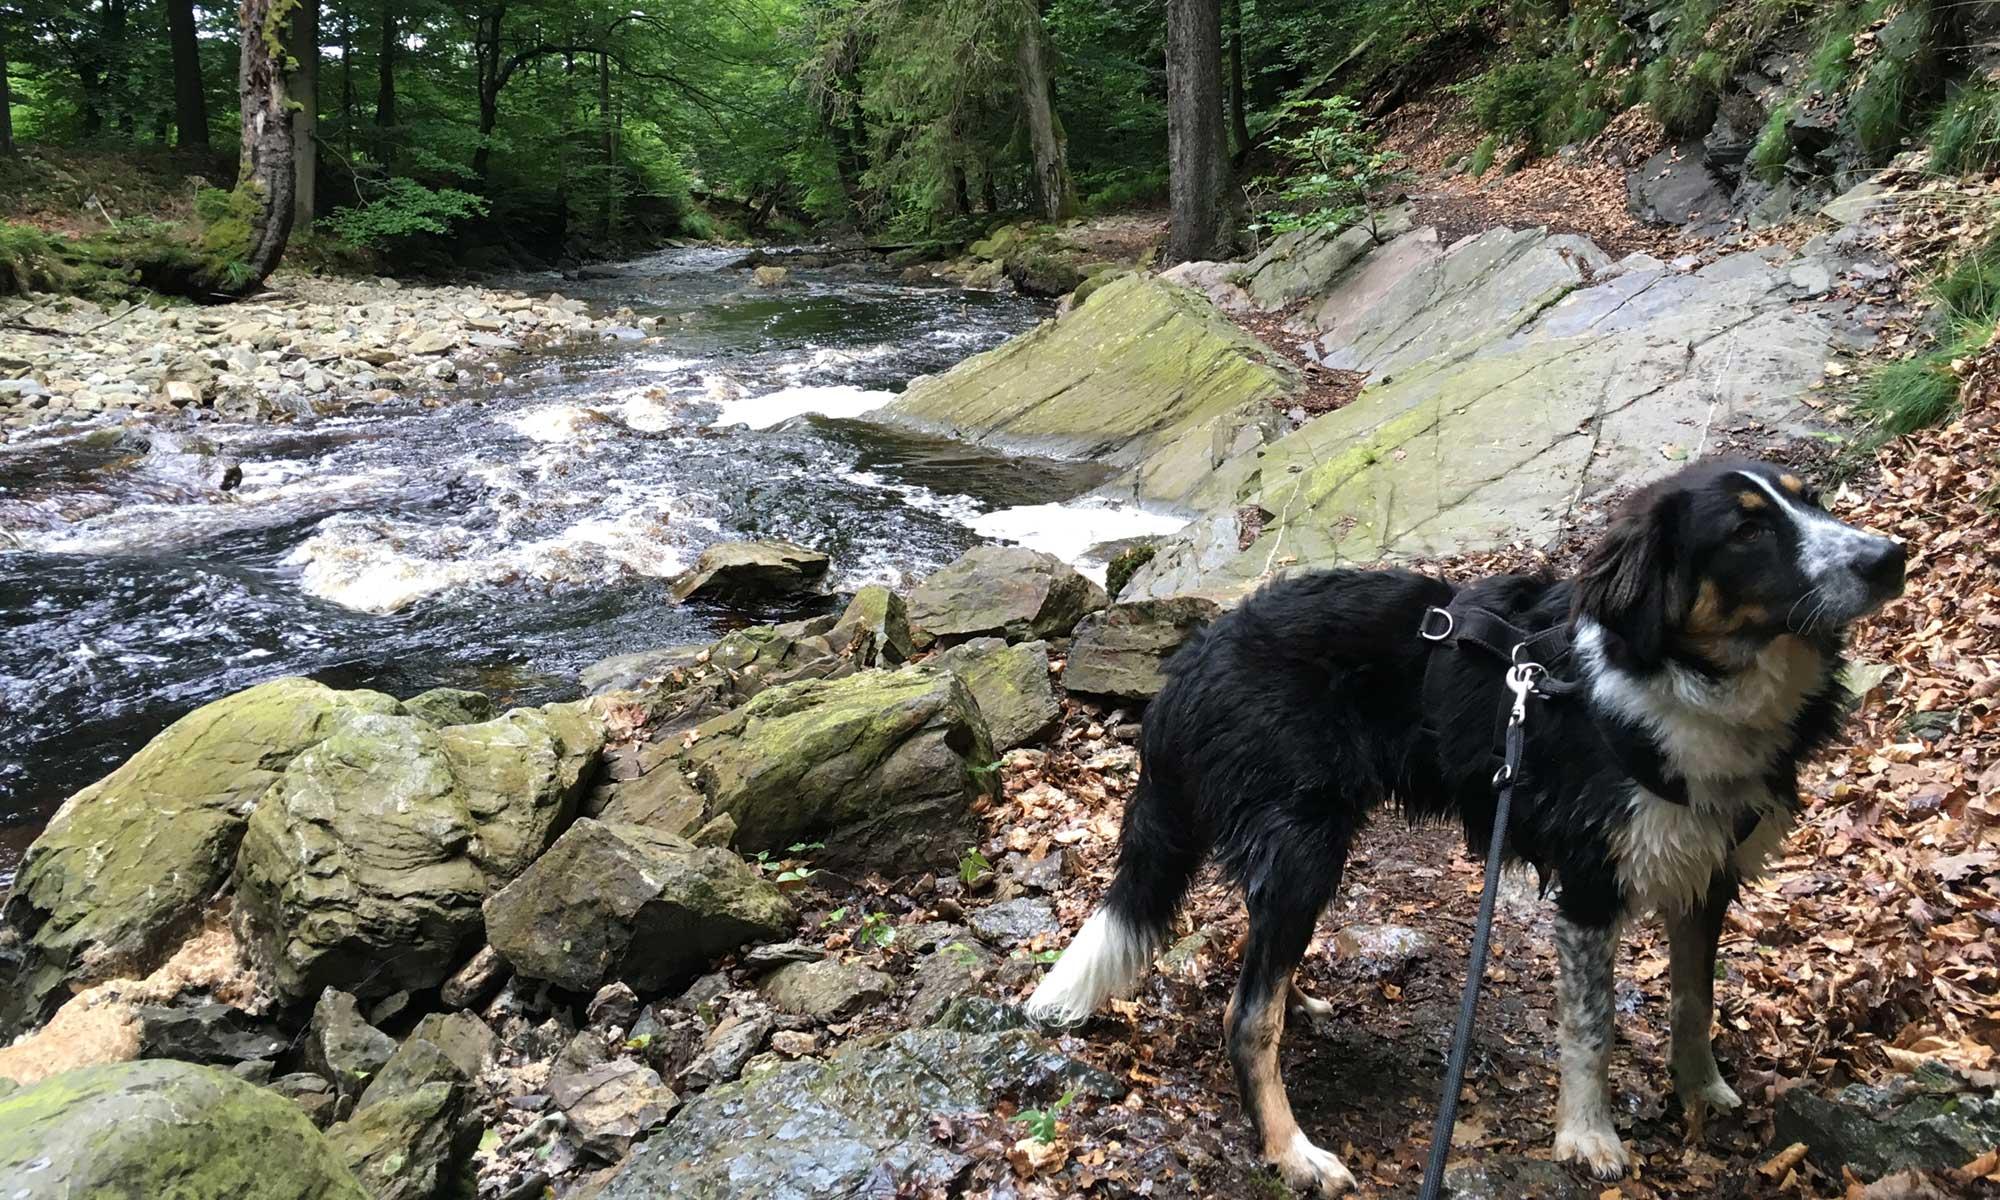 Mein Hund Mozart vor einer engen Passage am Flussufer